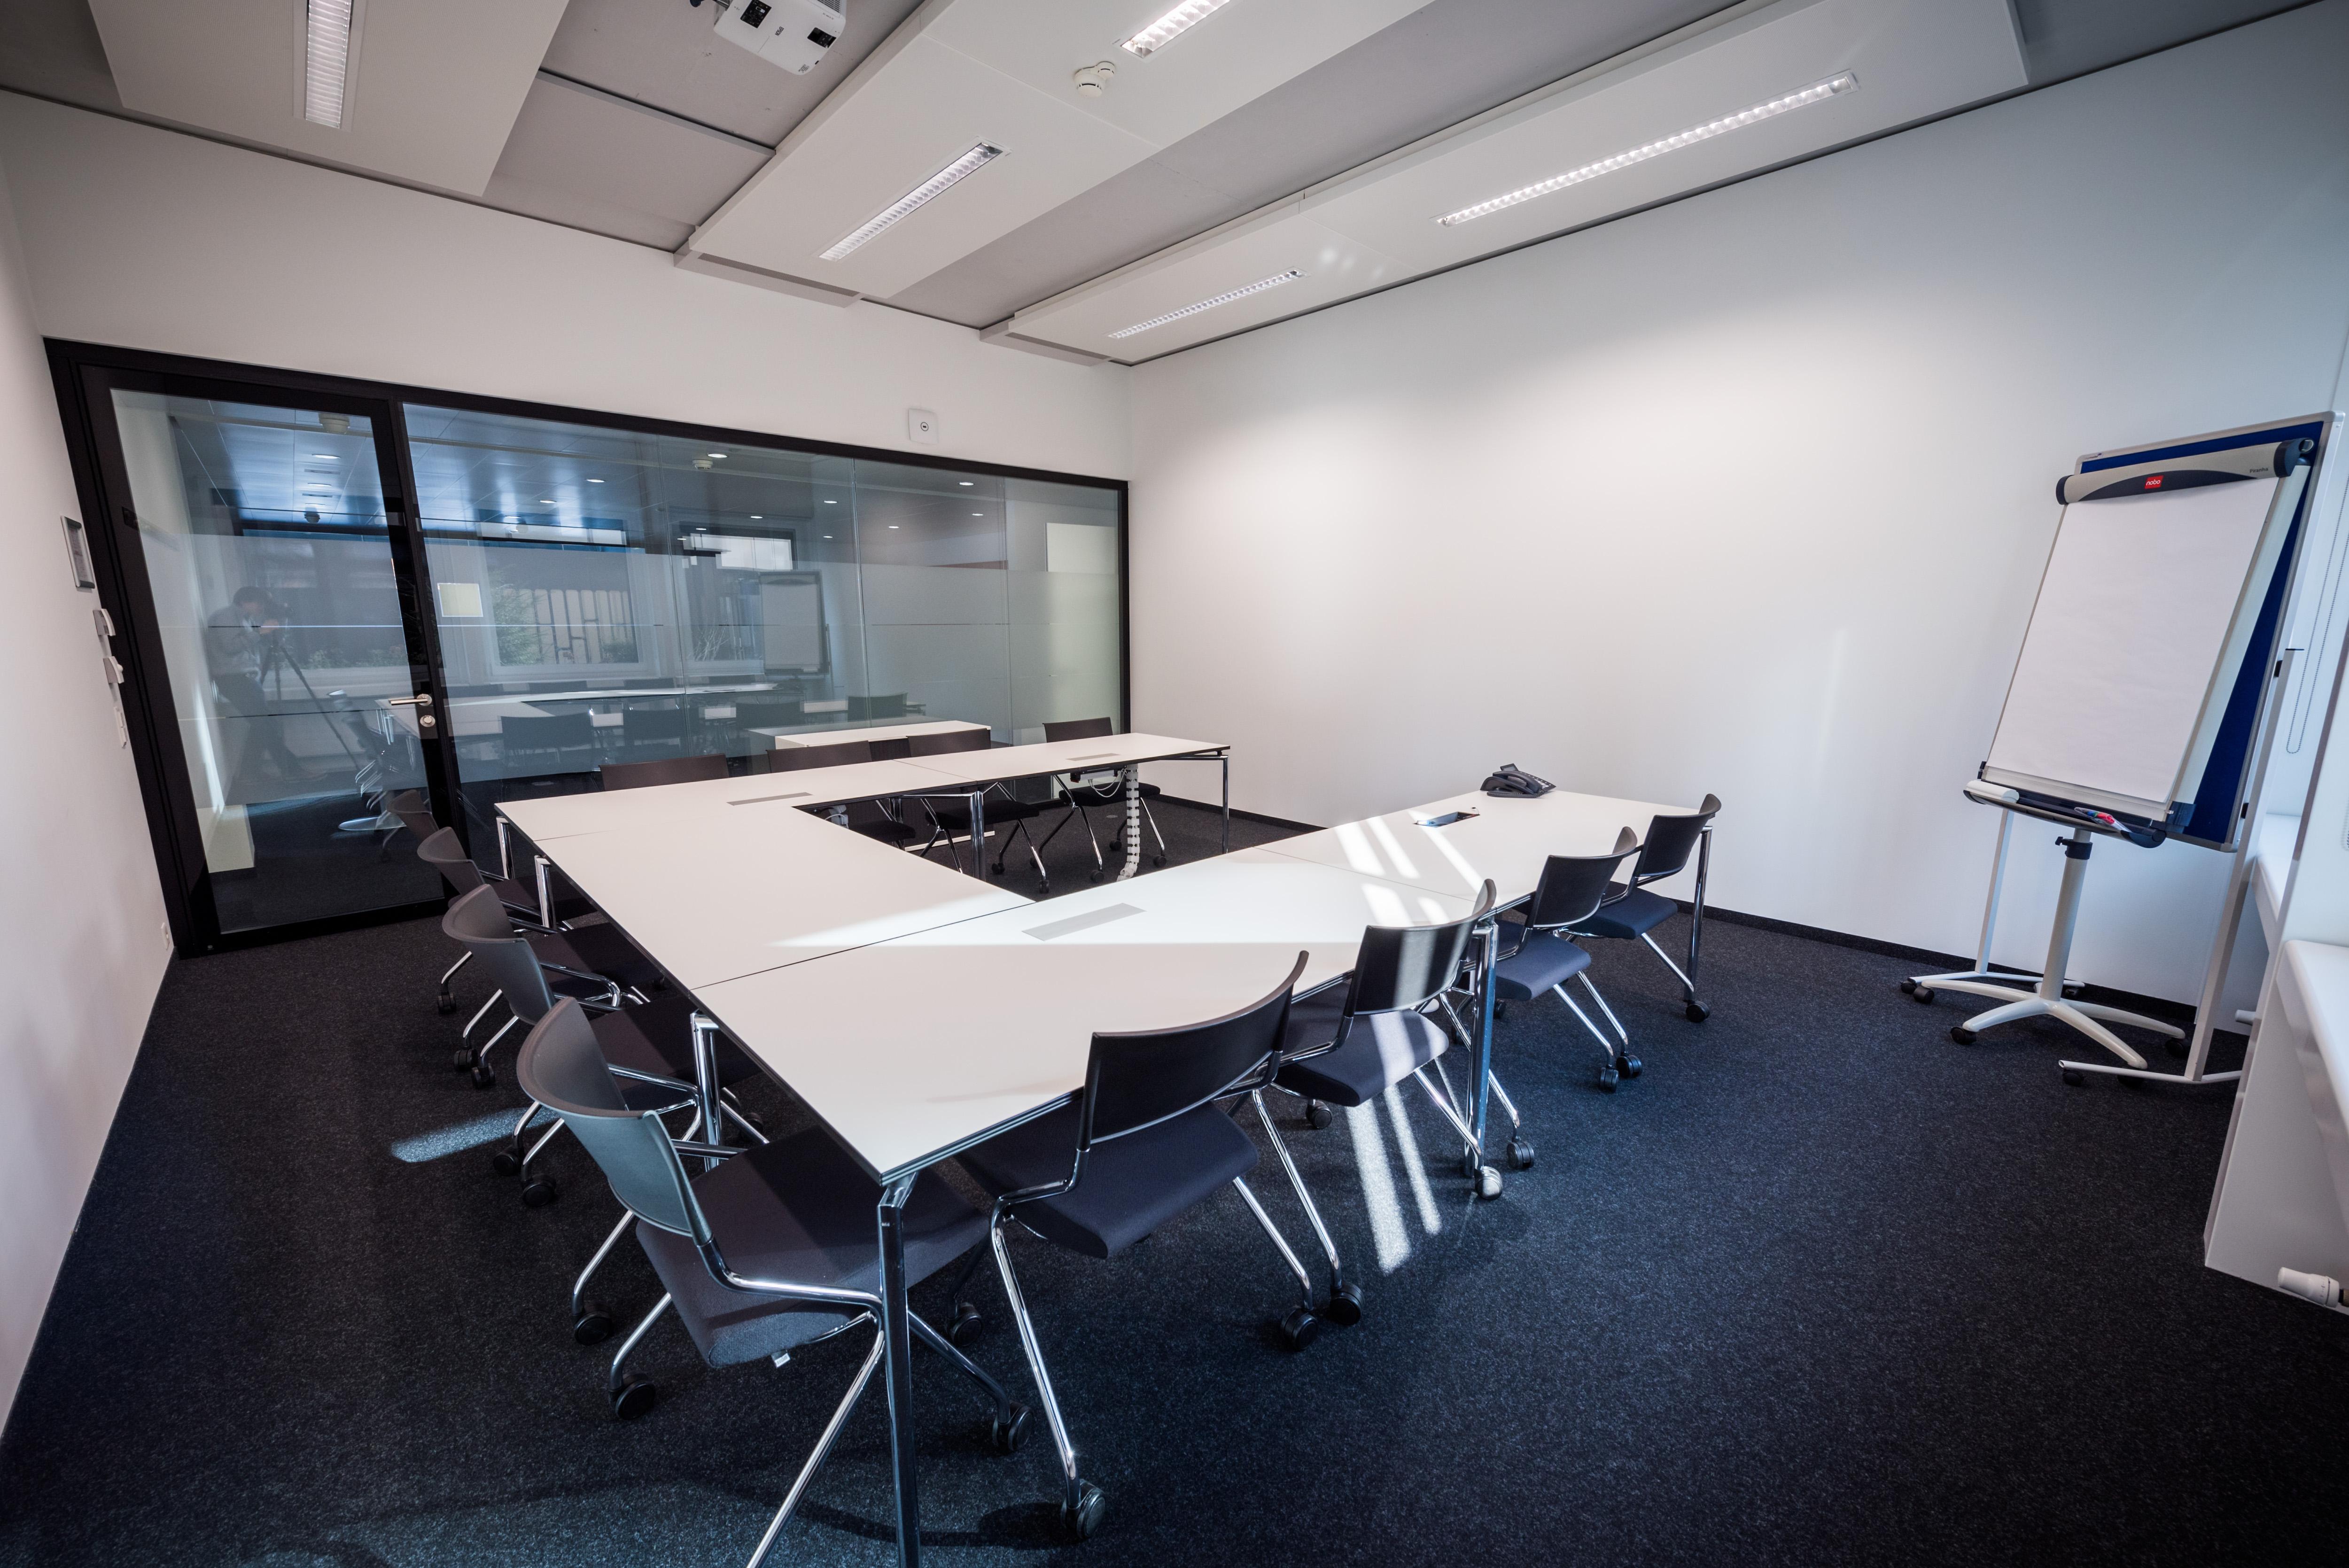 Fsm Siemens 2 22.01.16 Conferencecenter Wynau 003